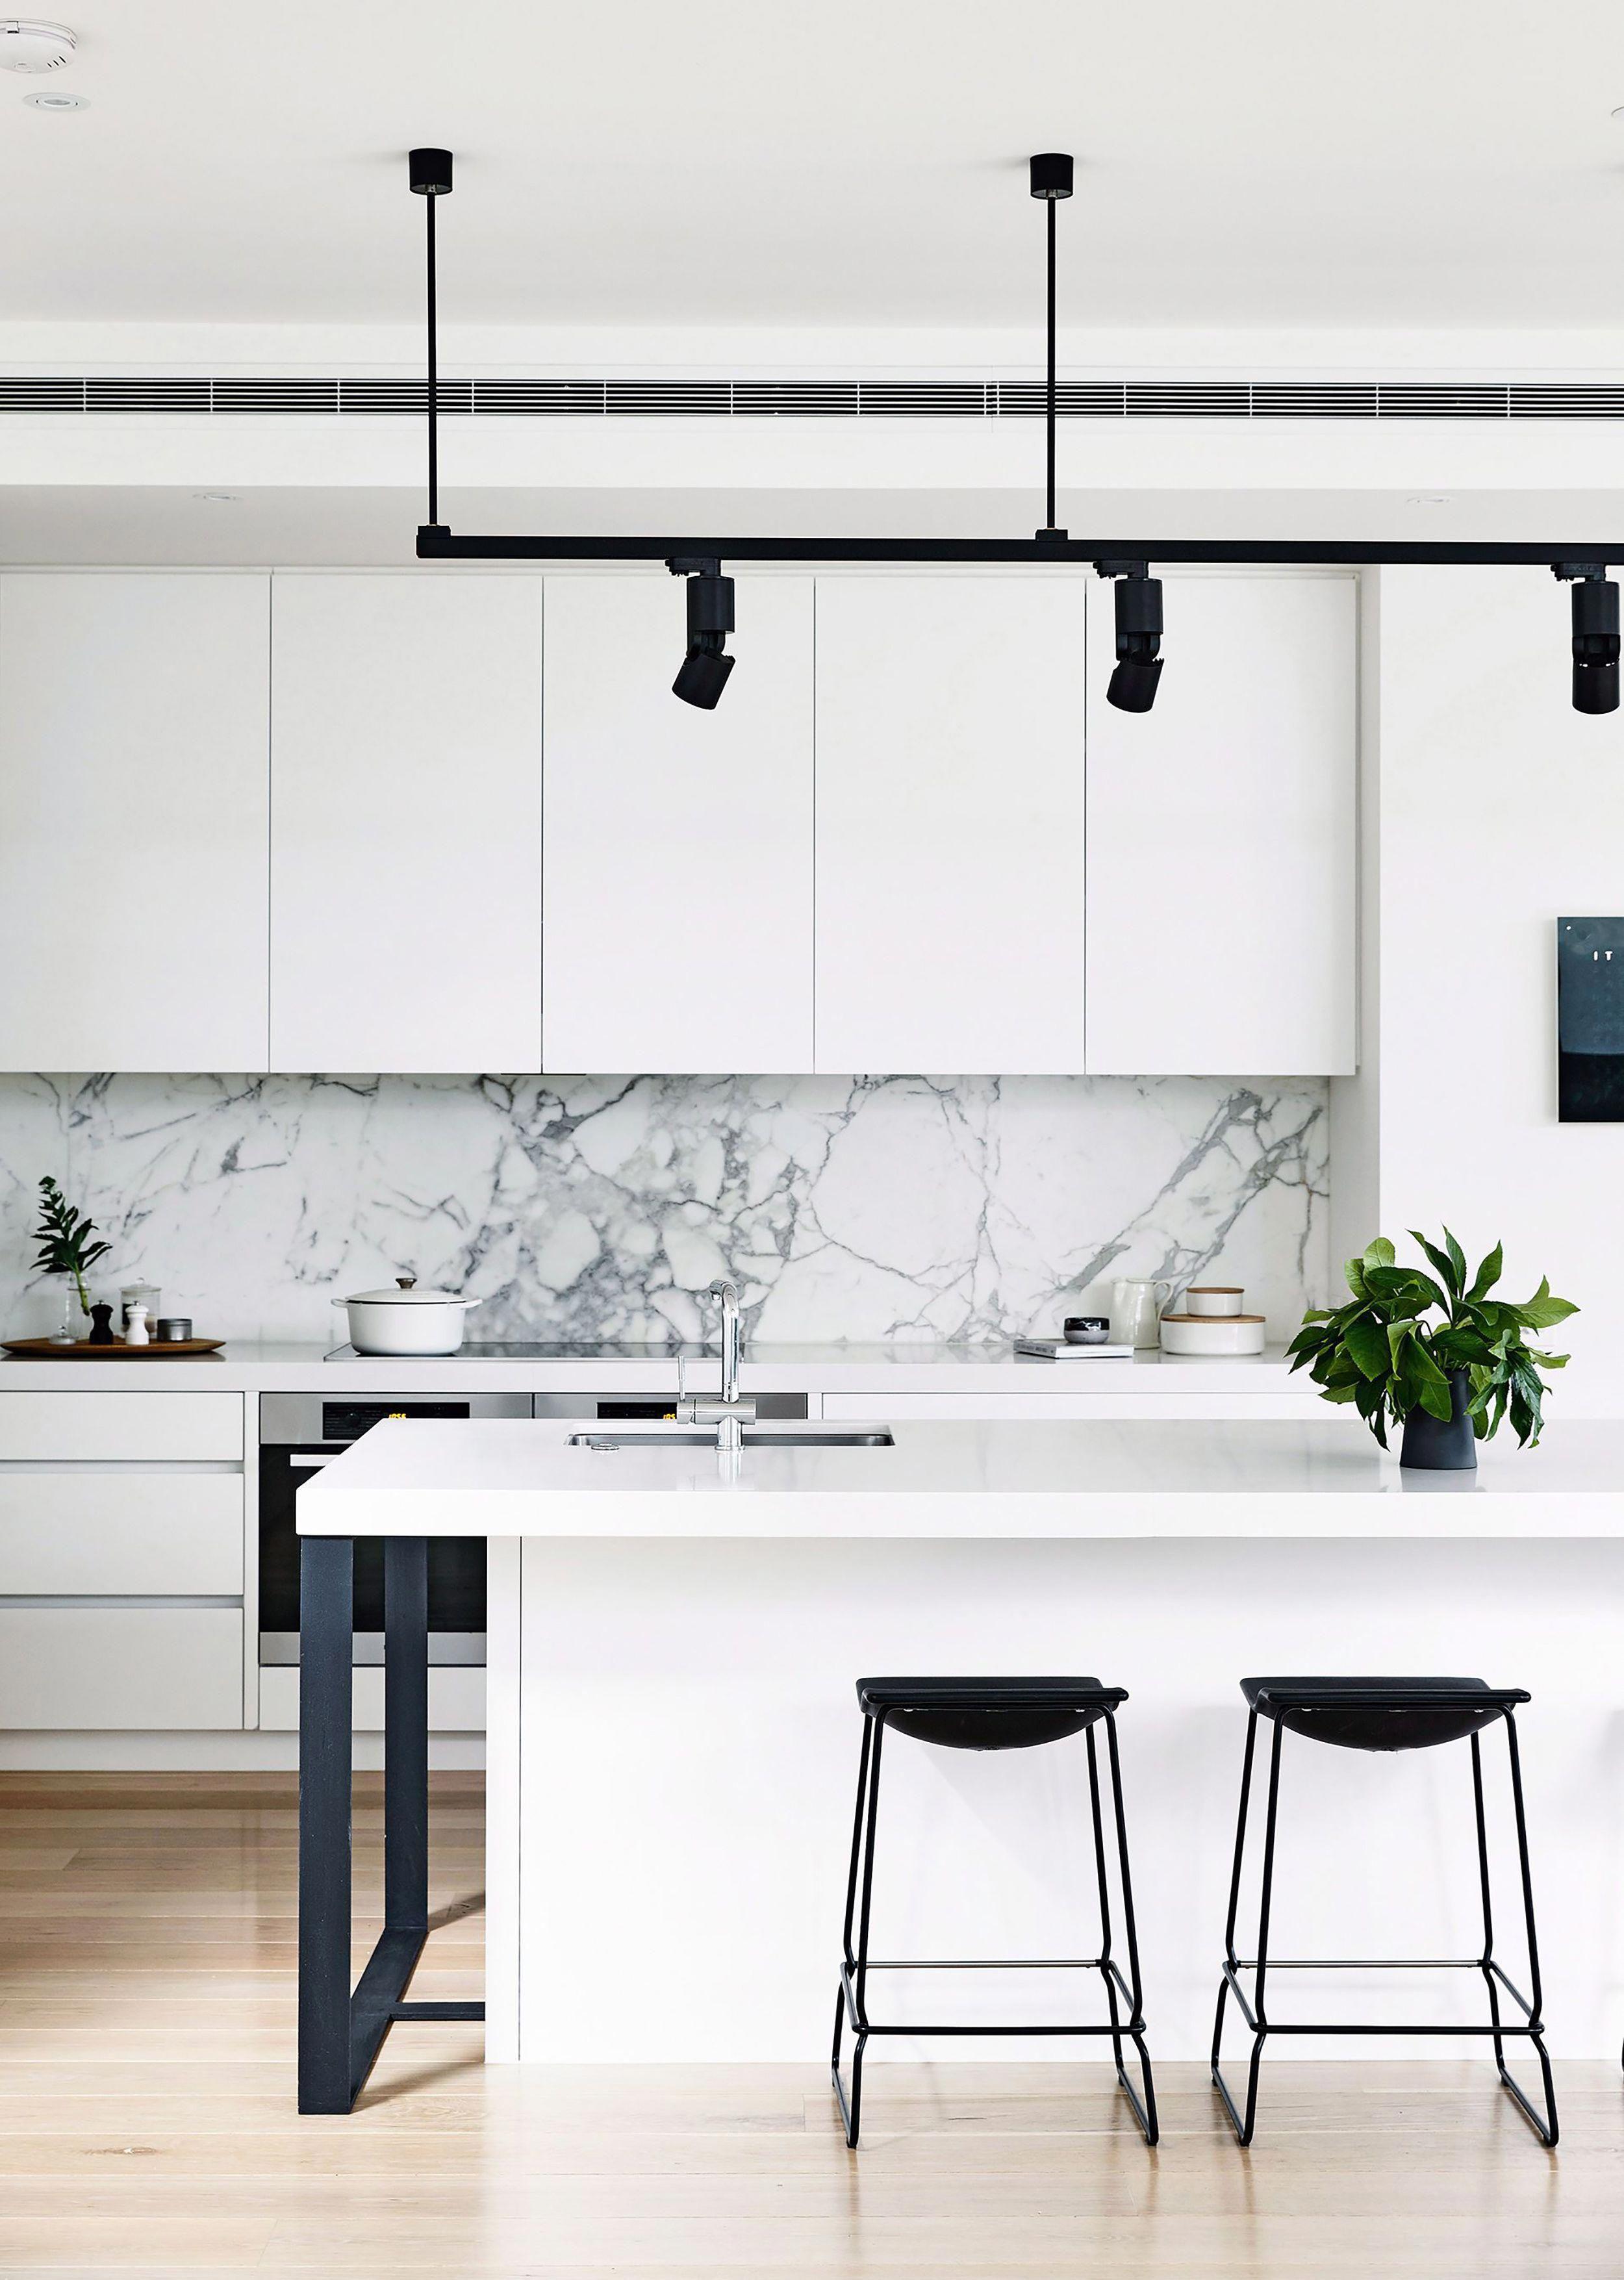 kitchen interior design details Kitcheninteriordesign ...